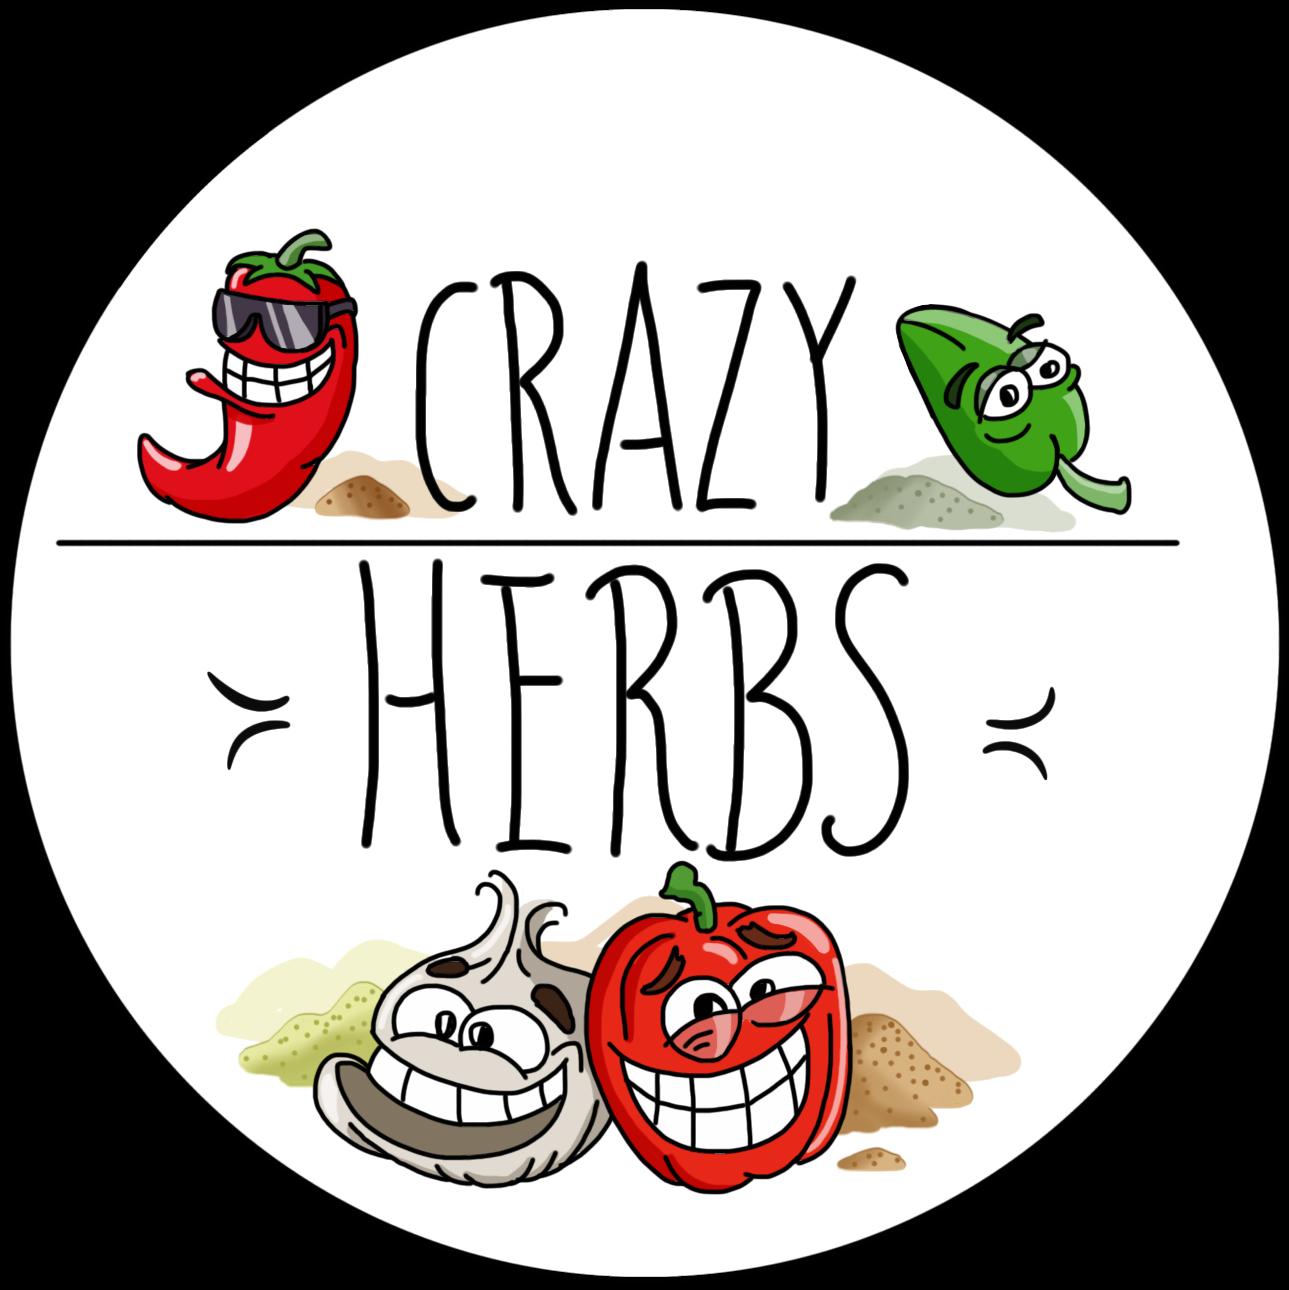 Crazy  Herbs